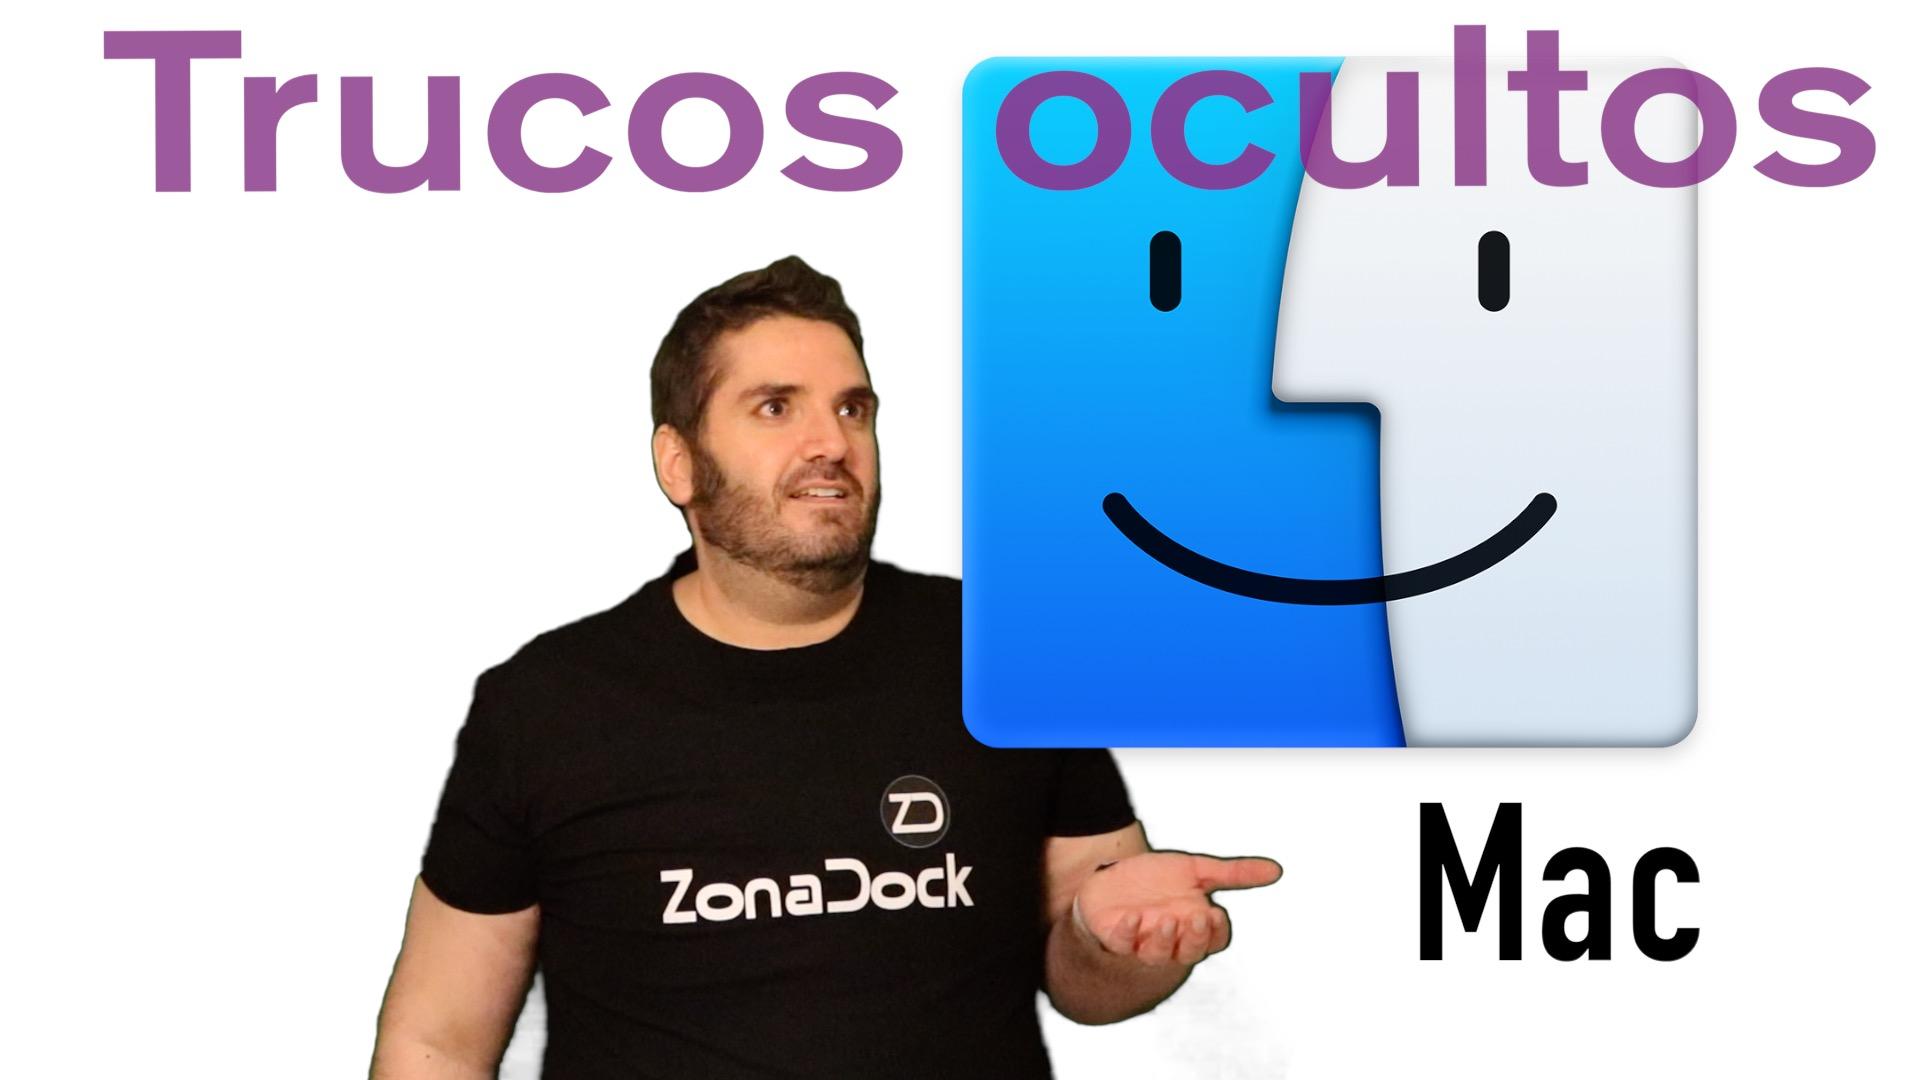 Trucos ocultos Mac Parte 1 - Ya disponible en AppleManiacos TV